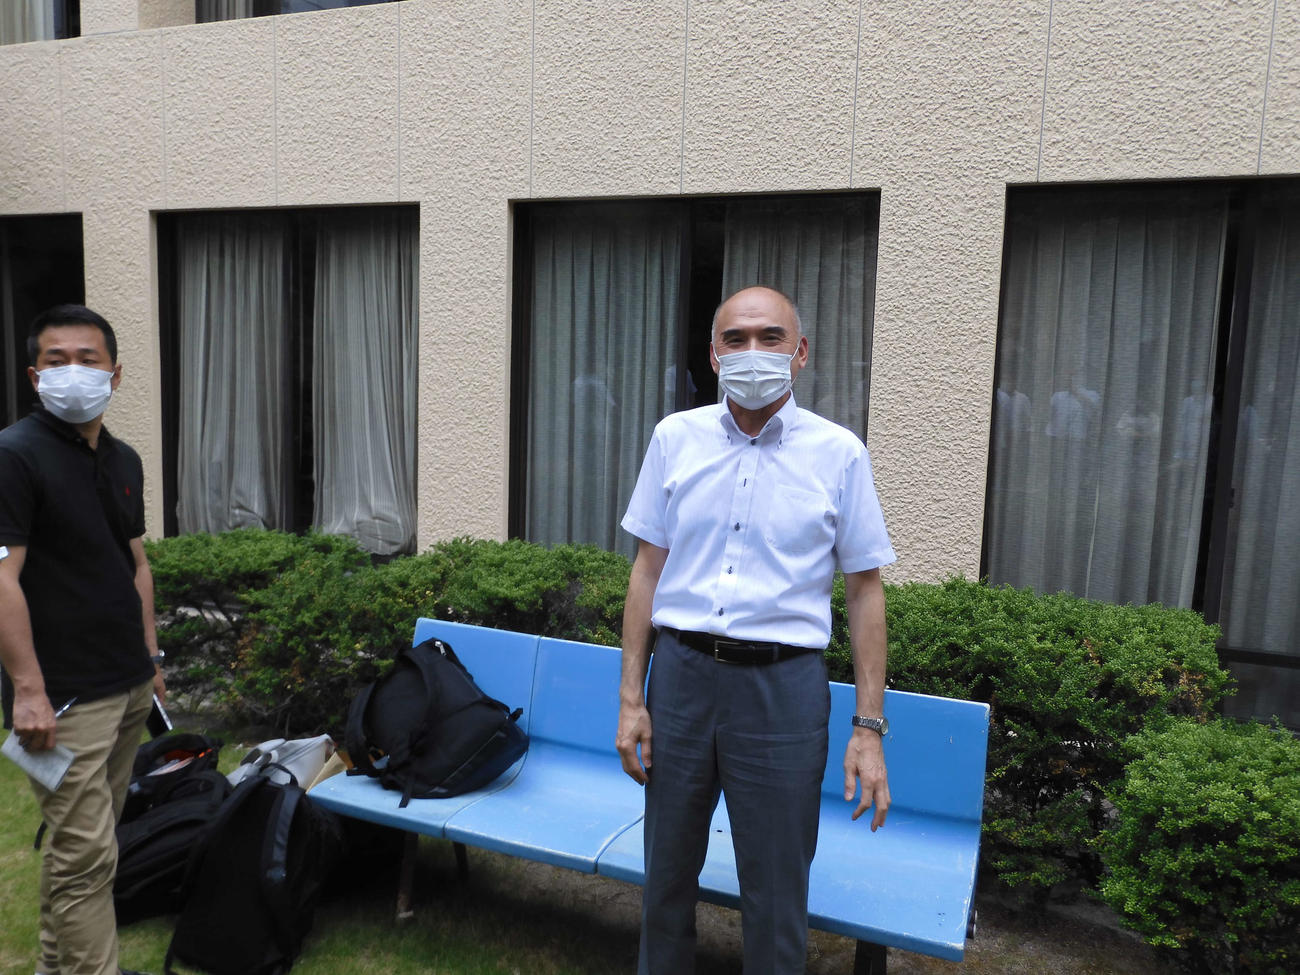 日本高野連の小倉好正事務局長(右)は、事務局の中庭で報道陣に対応する